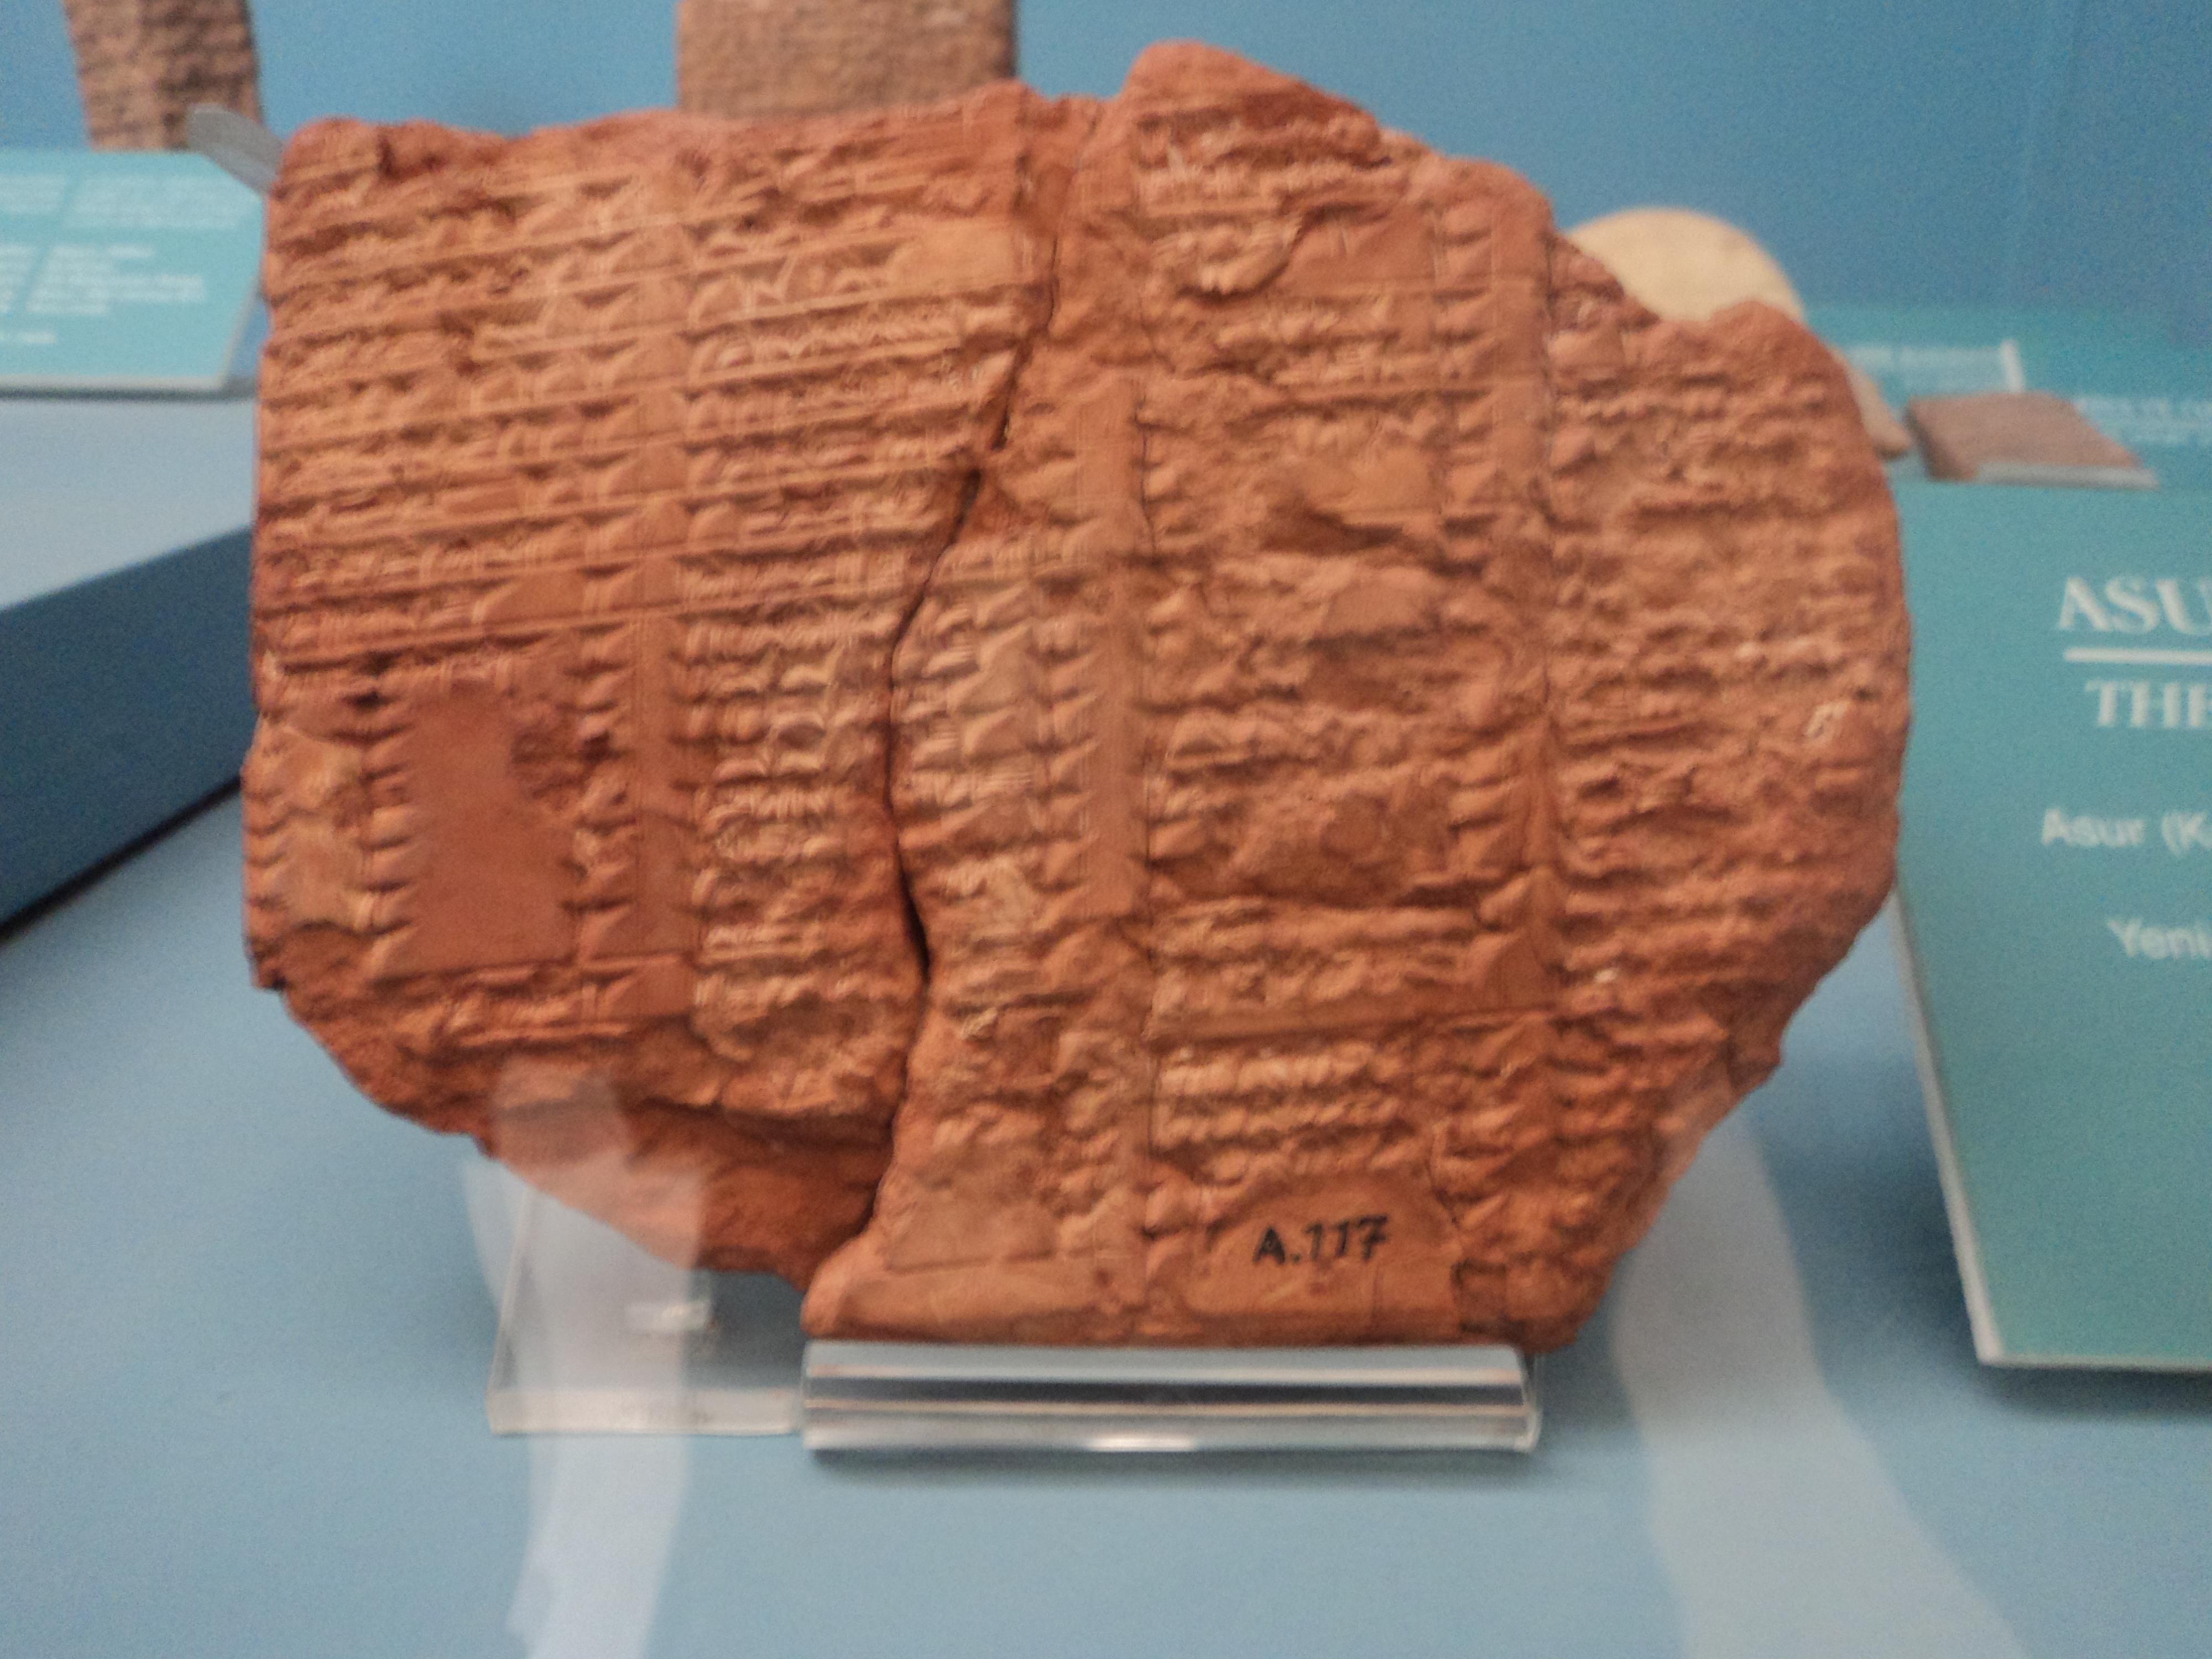 istanbul arkeoloji müzesindeki tabletlerin çevirisi